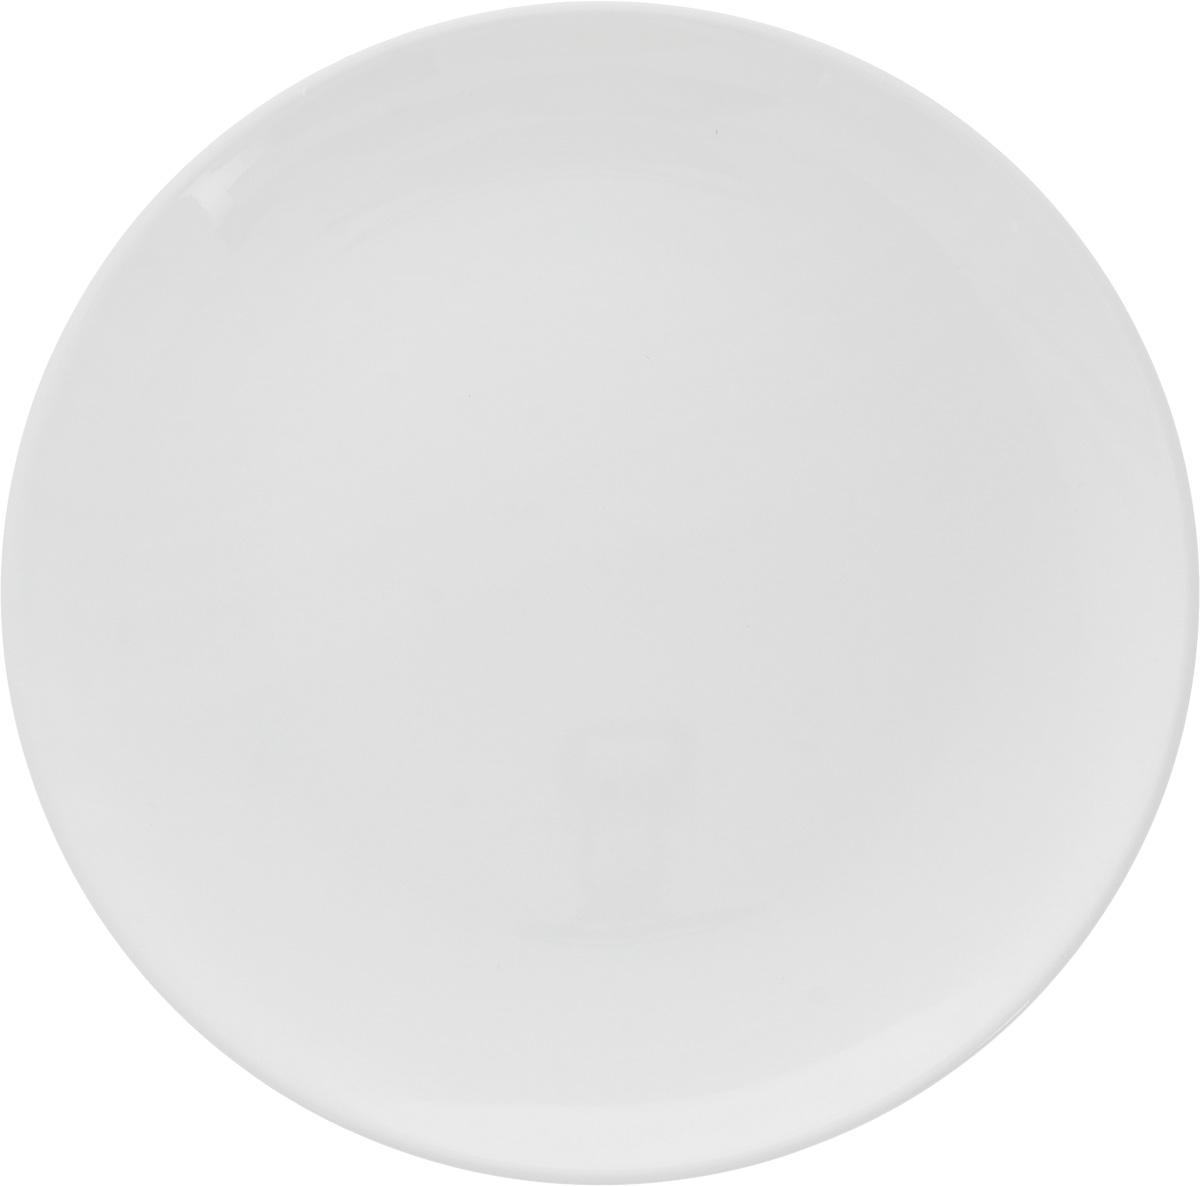 Тарелка Ariane Коуп, диаметр 21 см. AVCARN11021AVCARN11021Тарелка Ariane Коуп, изготовленная из высококачественного фарфора, имеет классическую круглую форму без полей. Такая тарелка отлично подойдет в качестве блюда для закусок и нарезок, а также для подачи различных десертов. Изделие прекрасно впишется в интерьер вашей кухни и станет достойным дополнением к кухонному инвентарю. Тарелка Ariane Коуп подчеркнет прекрасный вкус хозяйки и станет отличным подарком. Можно мыть в посудомоечной машине и использовать в микроволновой печи. Высота: 2,5 см. Диаметр тарелки: 21 см.